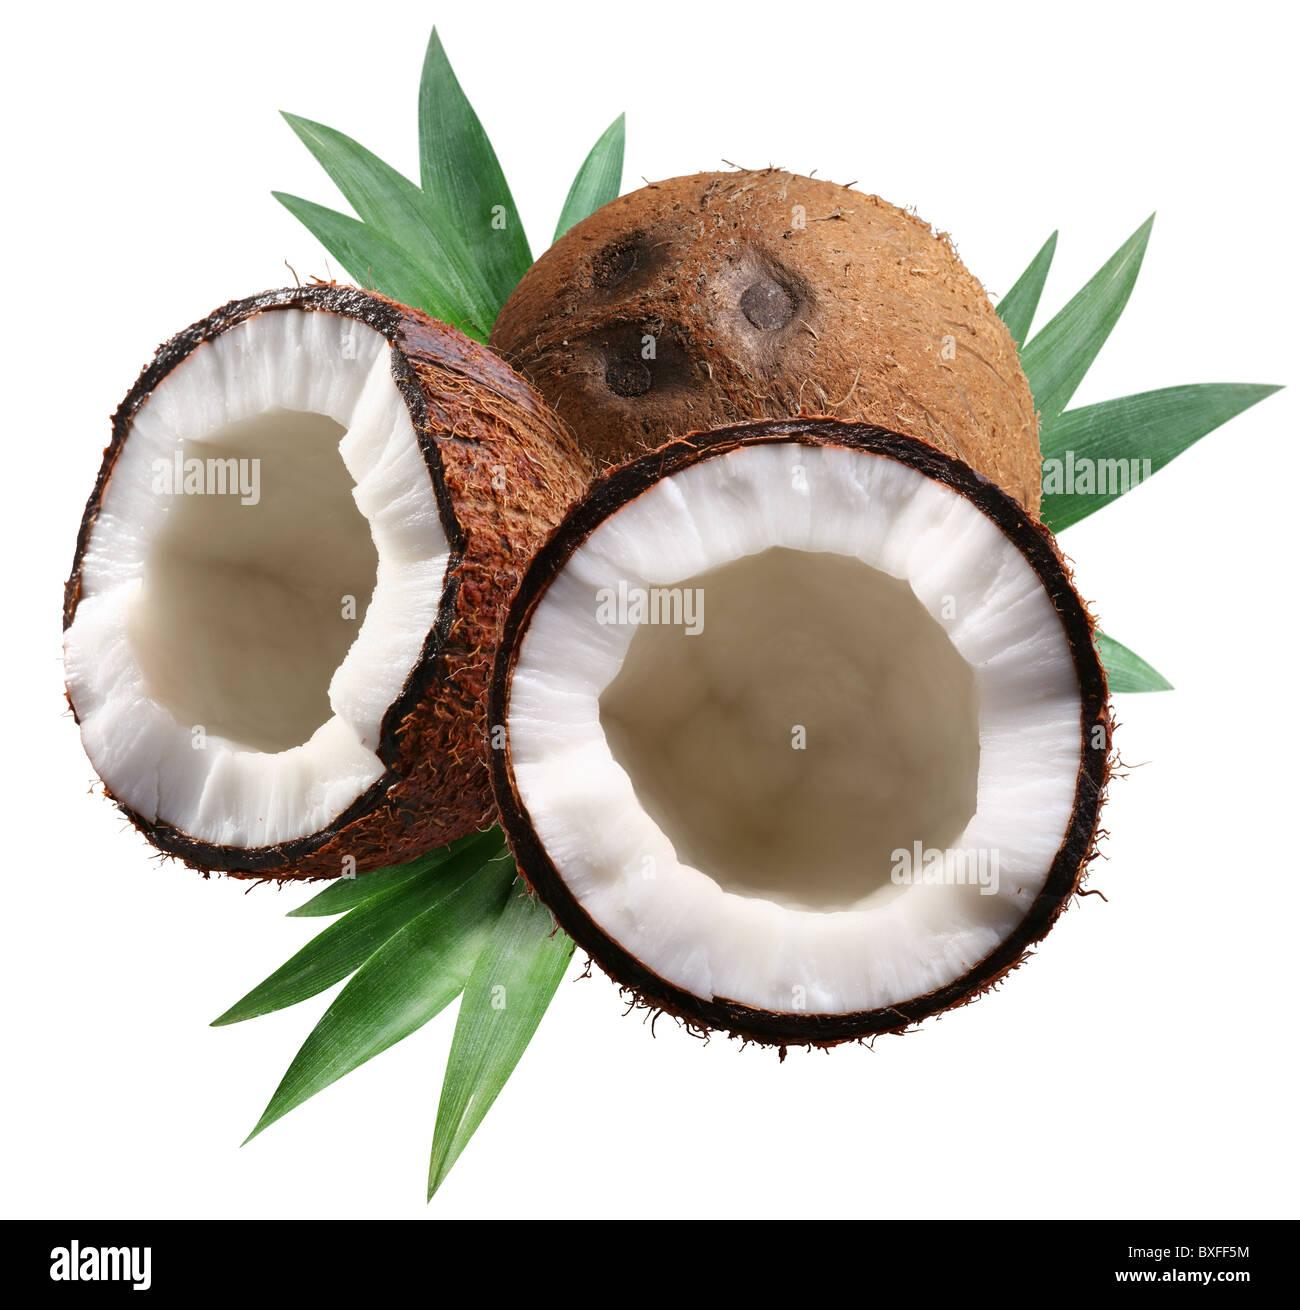 Un trito di noci di cocco con foglie su sfondo bianco. Il file contiene un tracciati di ritaglio. Immagini Stock